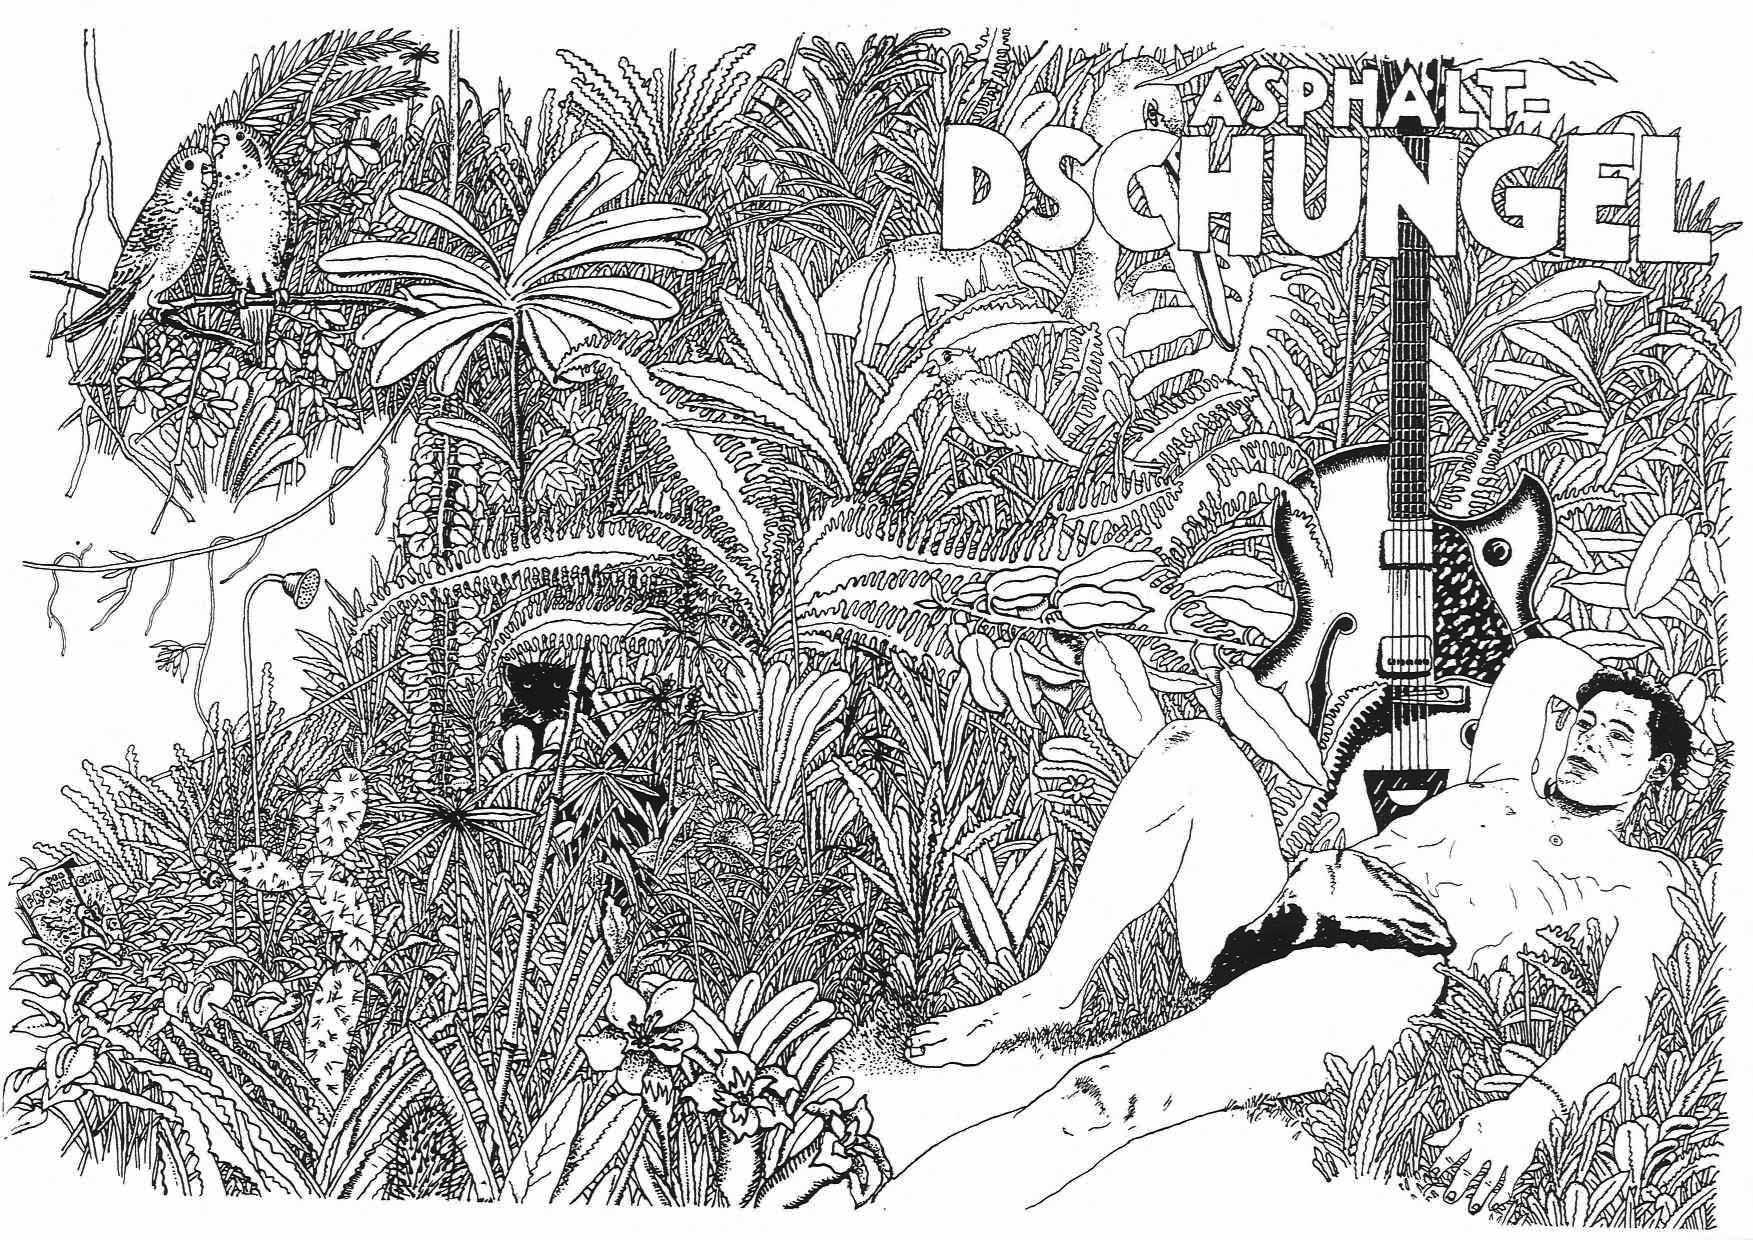 Thomas Hornemann, Tusche auf Papier, 1972/1974 (Umschlagentwurf)